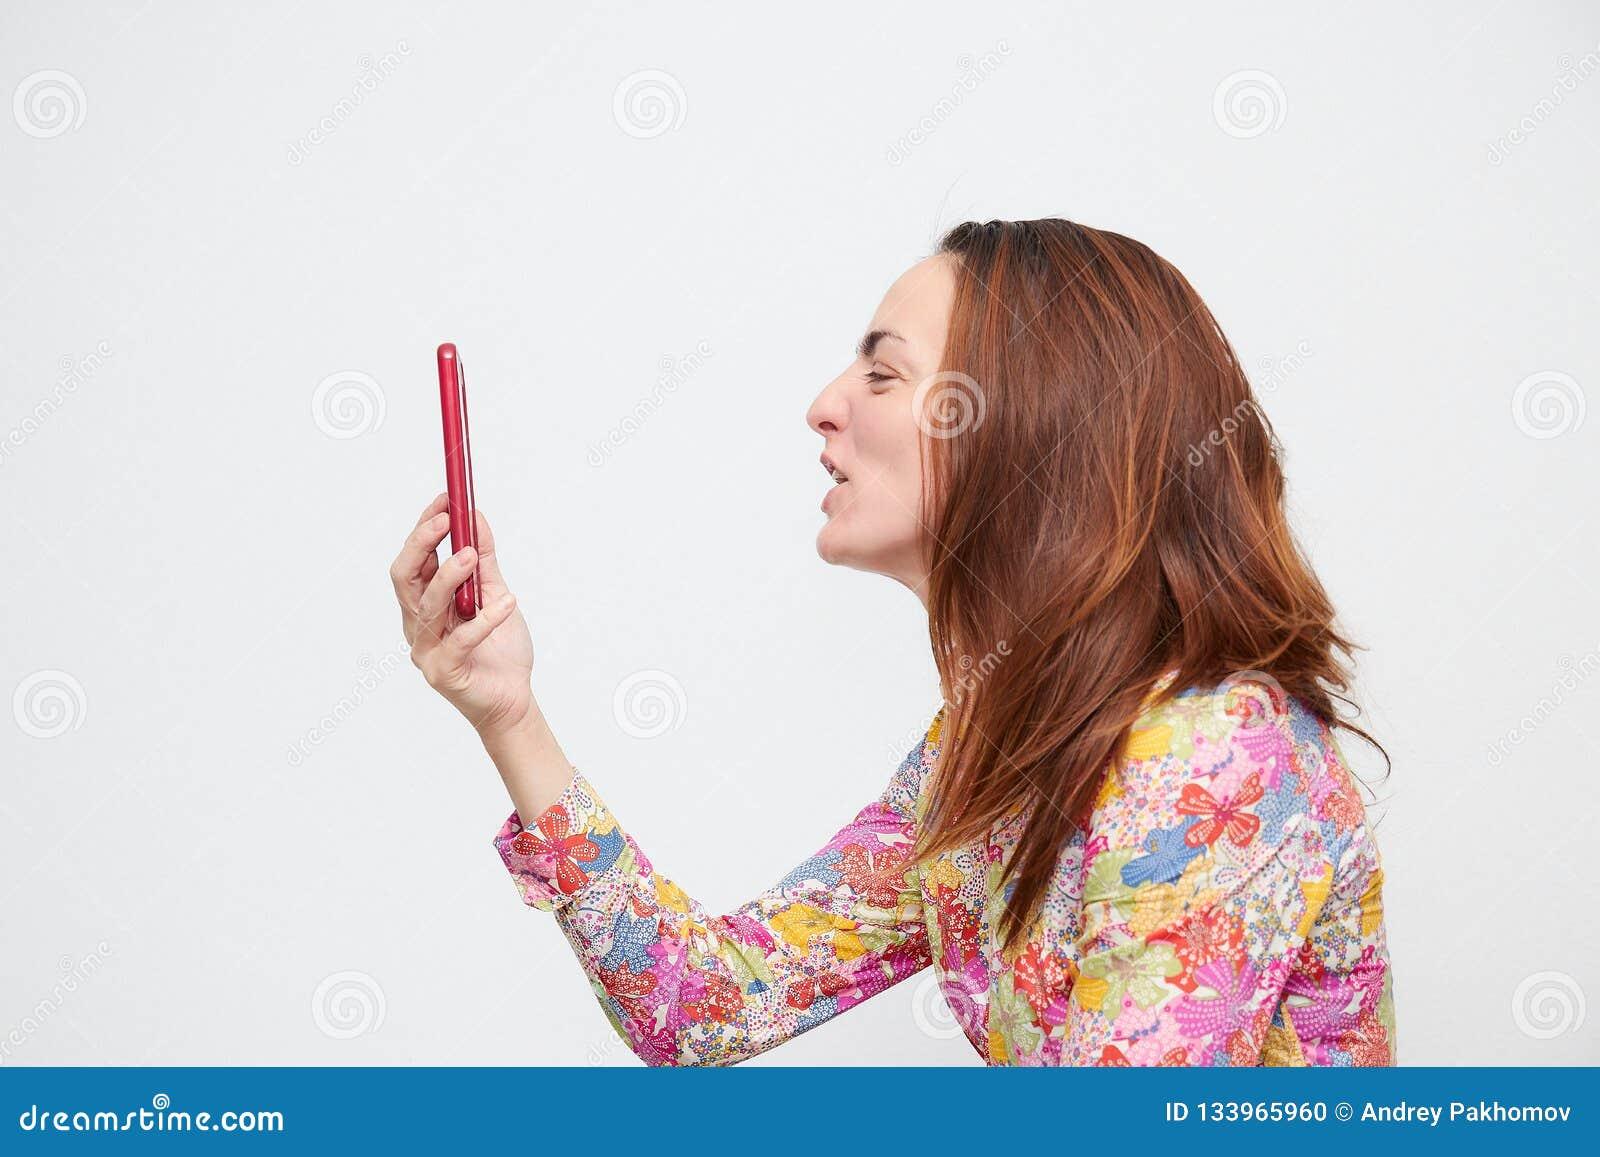 Πορτρέτο μιας νέας γυναίκας στο πουκάμισο χρώματος που κραυγάζει σε ένα κινητό τηλέφωνο που απομονώνεται σε ένα άσπρο υπόβαθρο το